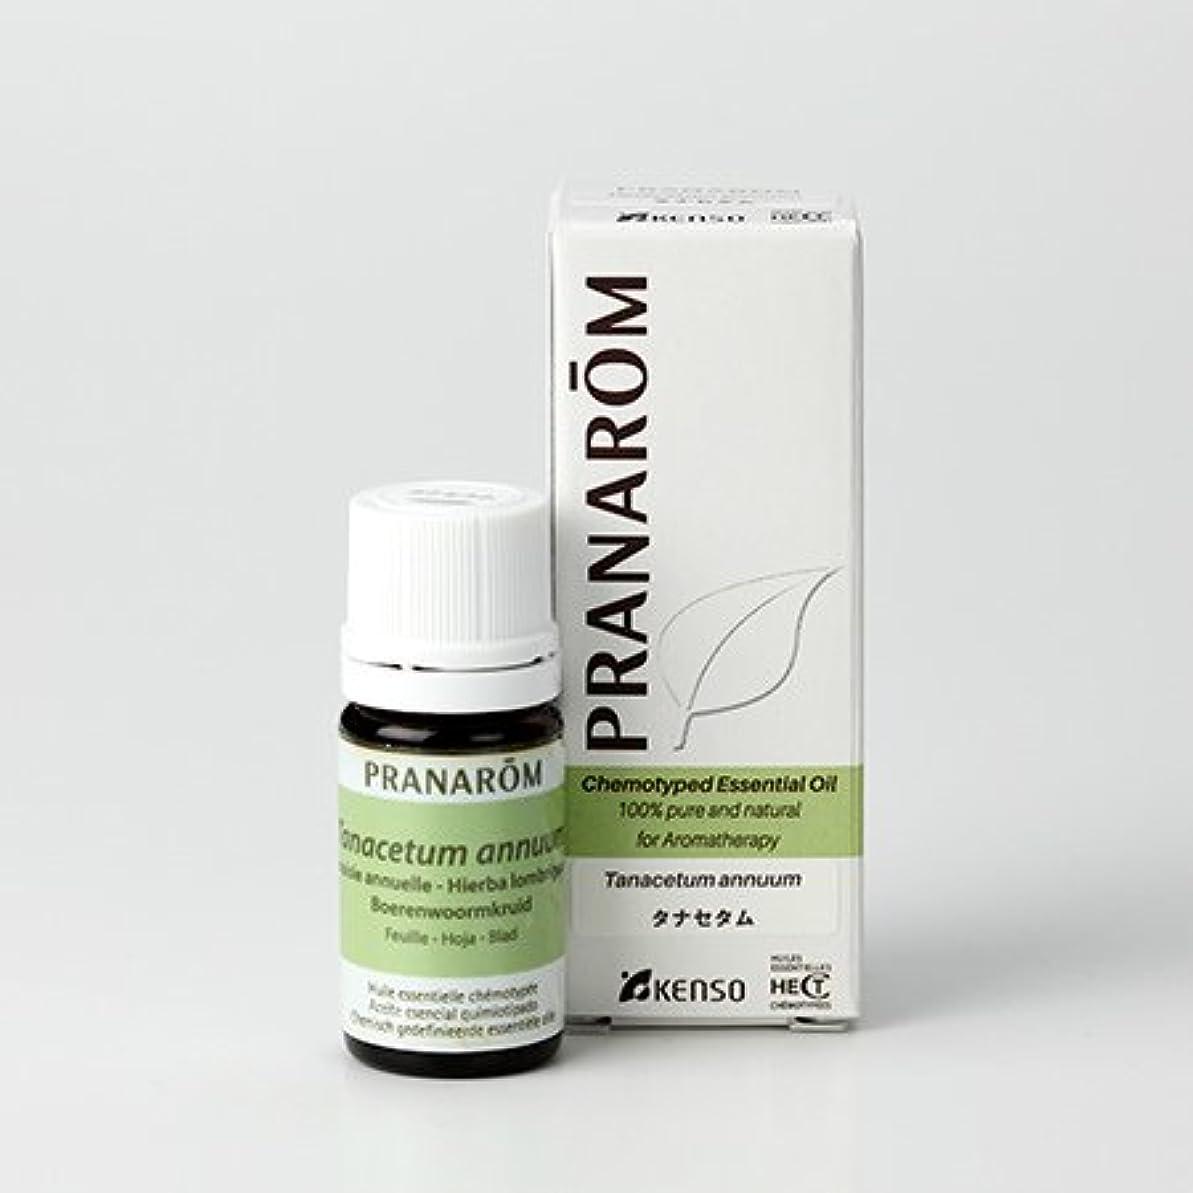 振動させるリゾート素晴らしきプラナロム タナセタム 5ml (PRANAROM ケモタイプ精油)